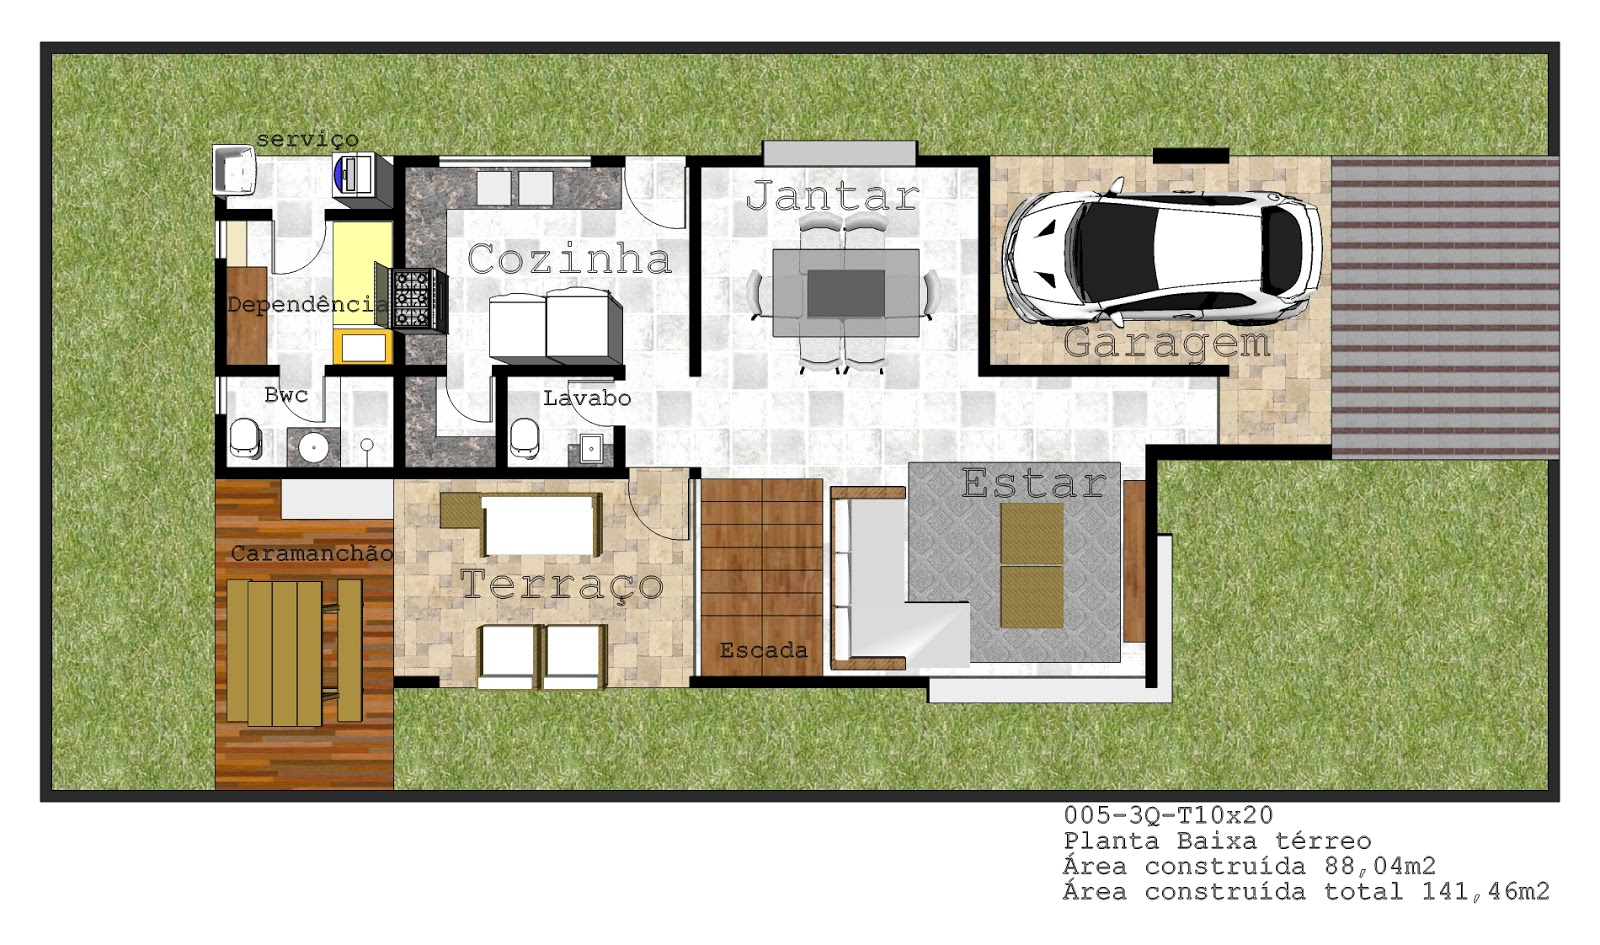 3 quartos duplex com terra o gourmet 10 x 24 90 clique for Modelo de casa 7 x 10